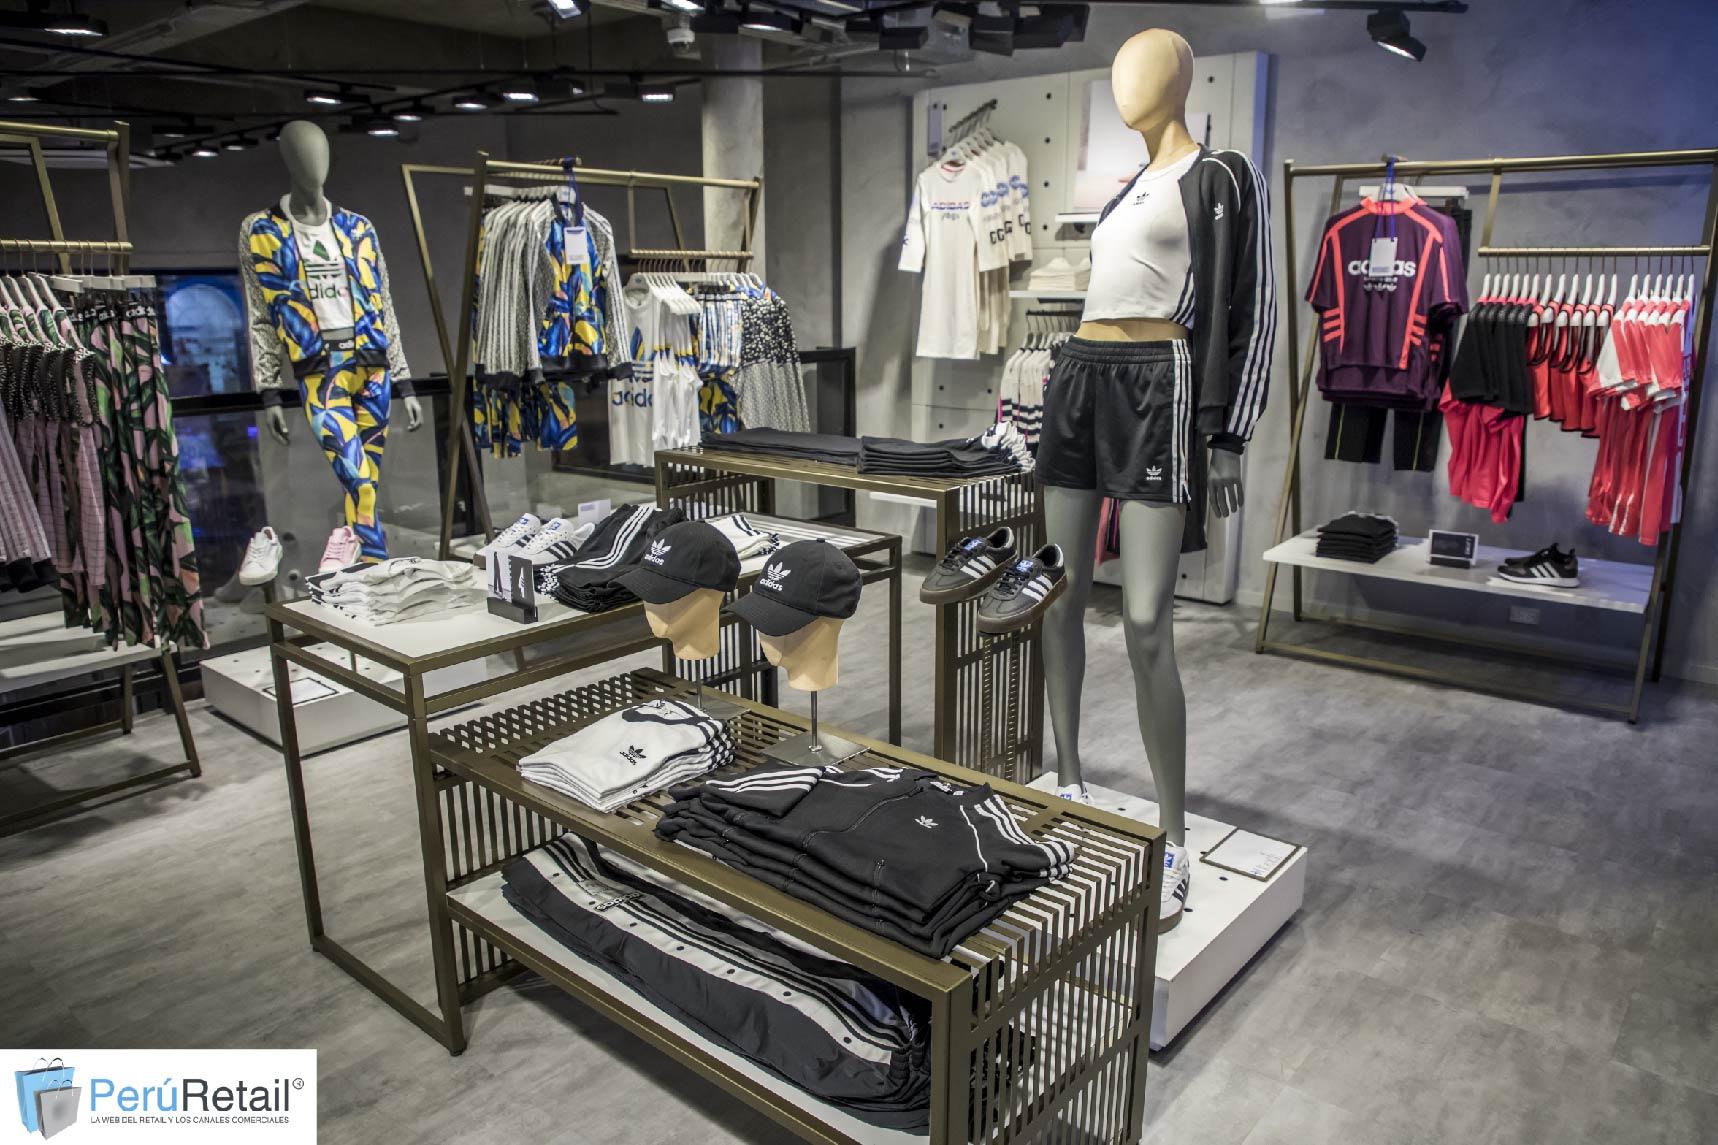 Adidas Originals 11 - Conozca por dentro la tienda Adidas Originals más grande del Perú